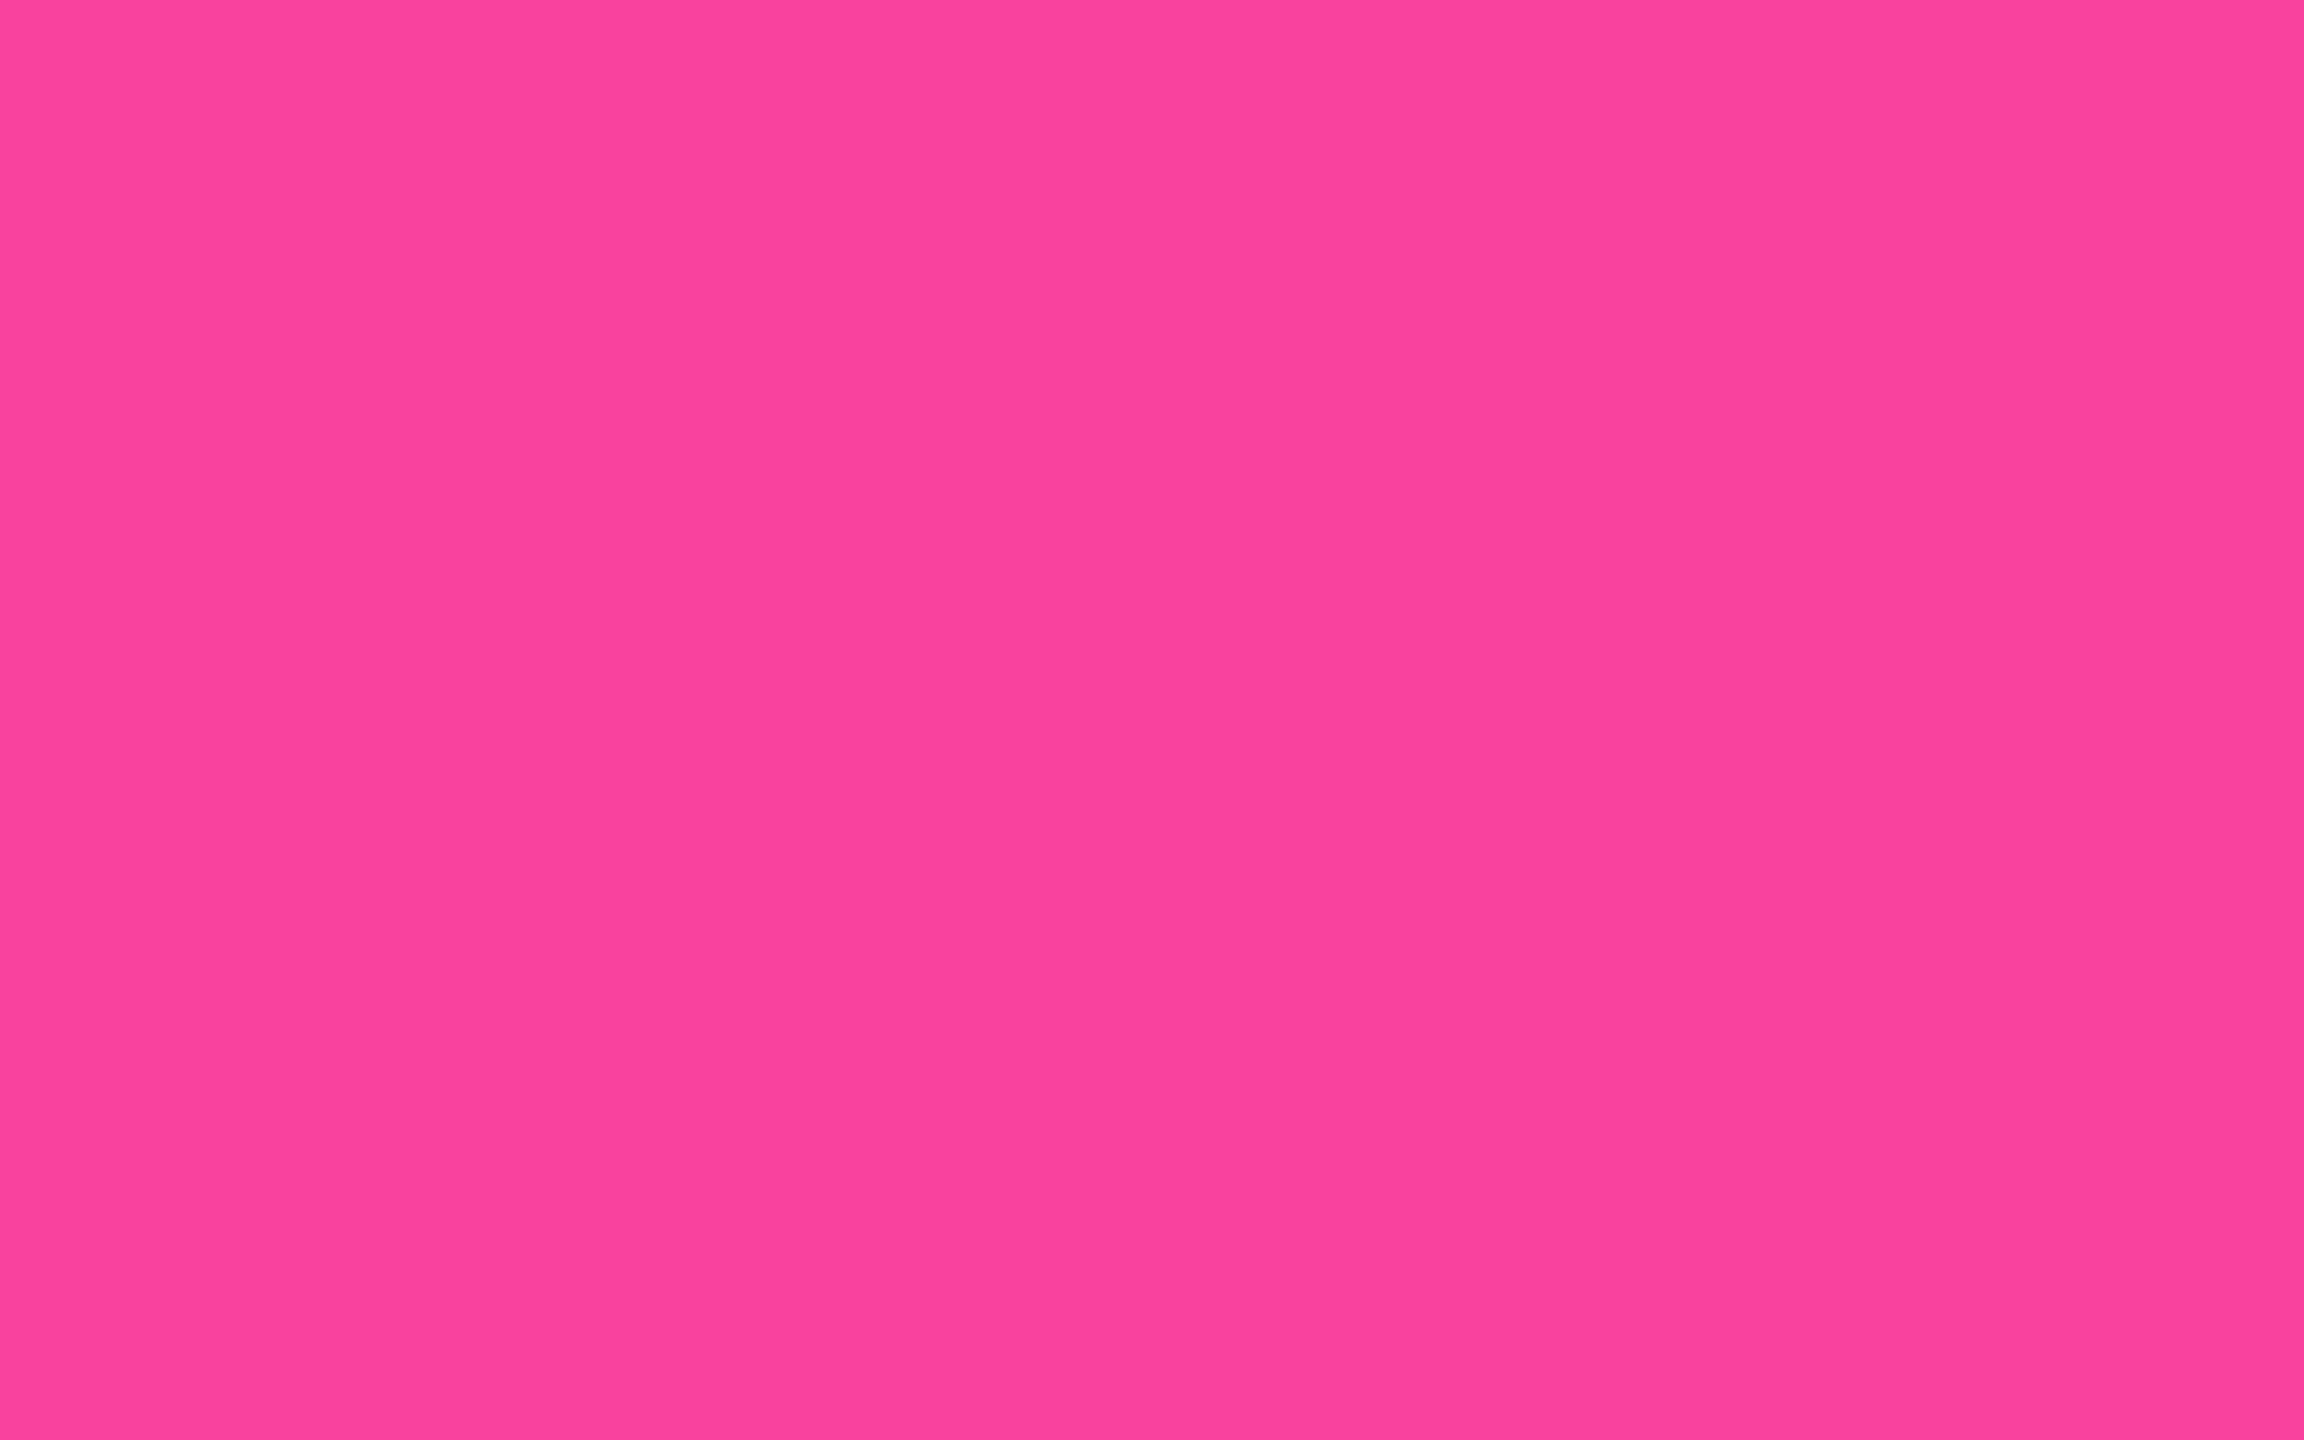 2304x1440 Rose Bonbon Solid Color Background